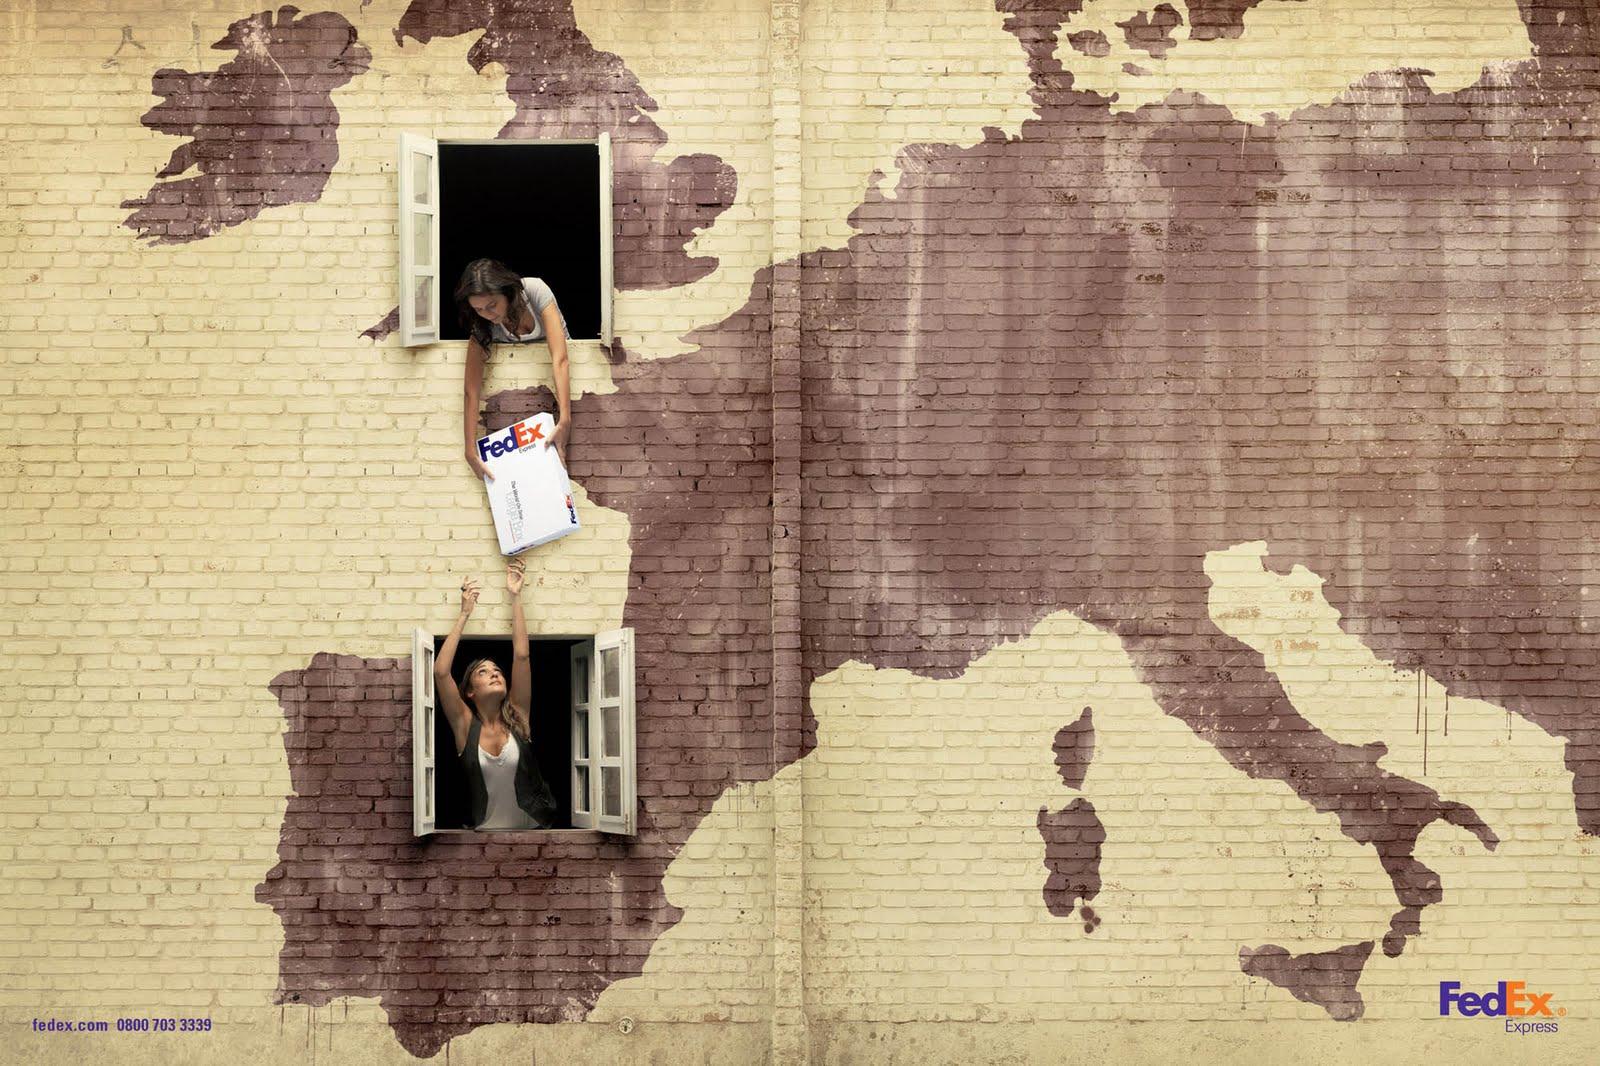 http://4.bp.blogspot.com/_42nL05s3A-8/S8X3T7s5pMI/AAAAAAAACeA/C4zkVXykE3A/s1600/FEDEX_EUROPE.jpg